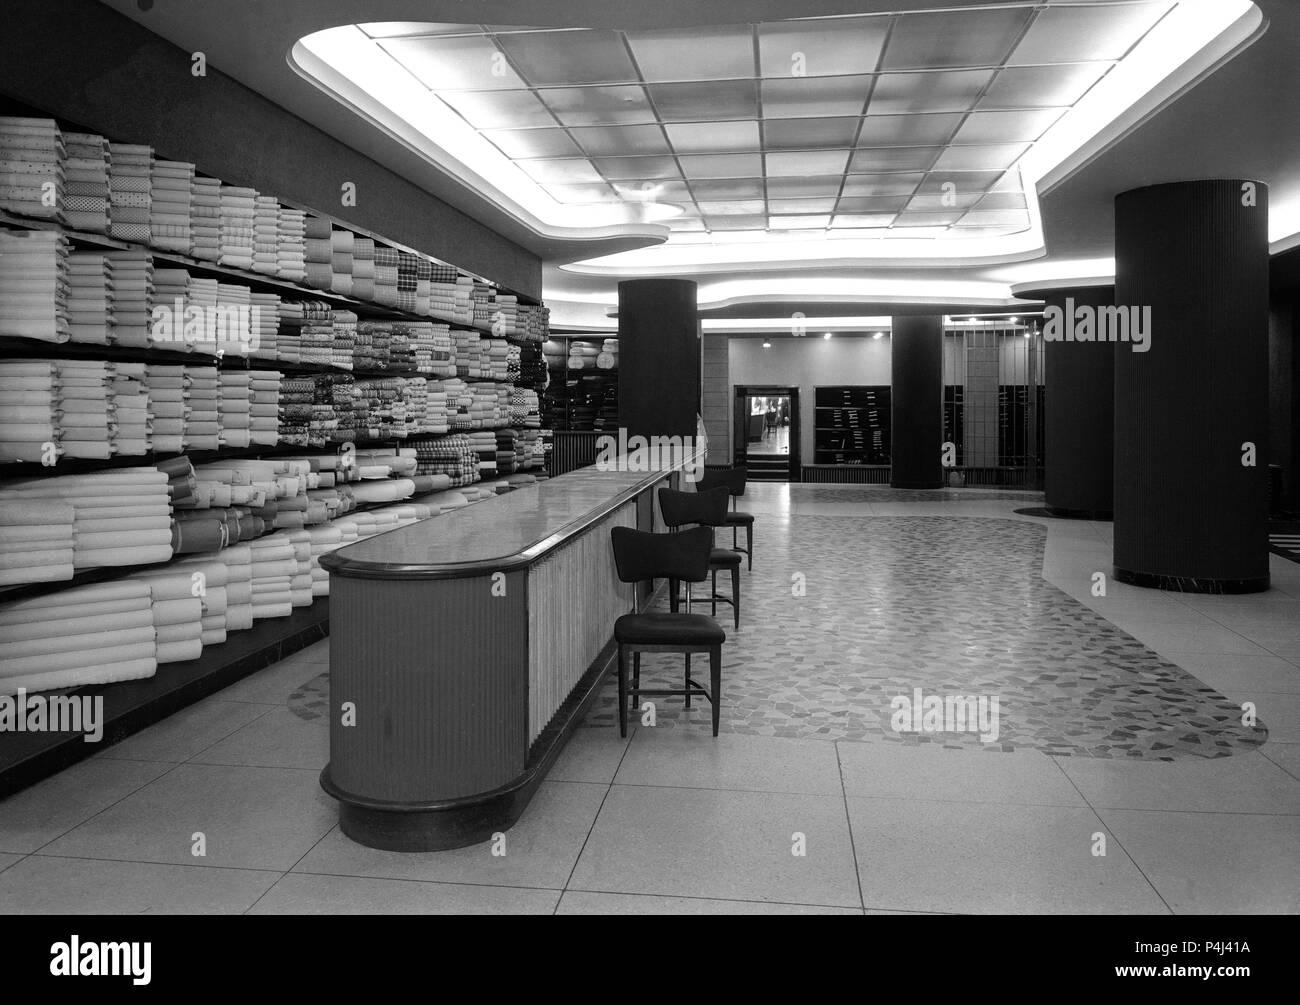 INTERIOR DE LA TIENDA DE TELAS SEDERIAS ARELLANO - FOTOGRAFIA EN BLANCO Y NEGRO - AÑOS 50. Location: SEDERIAS ARELLANO, SPAIN. - Stock Image